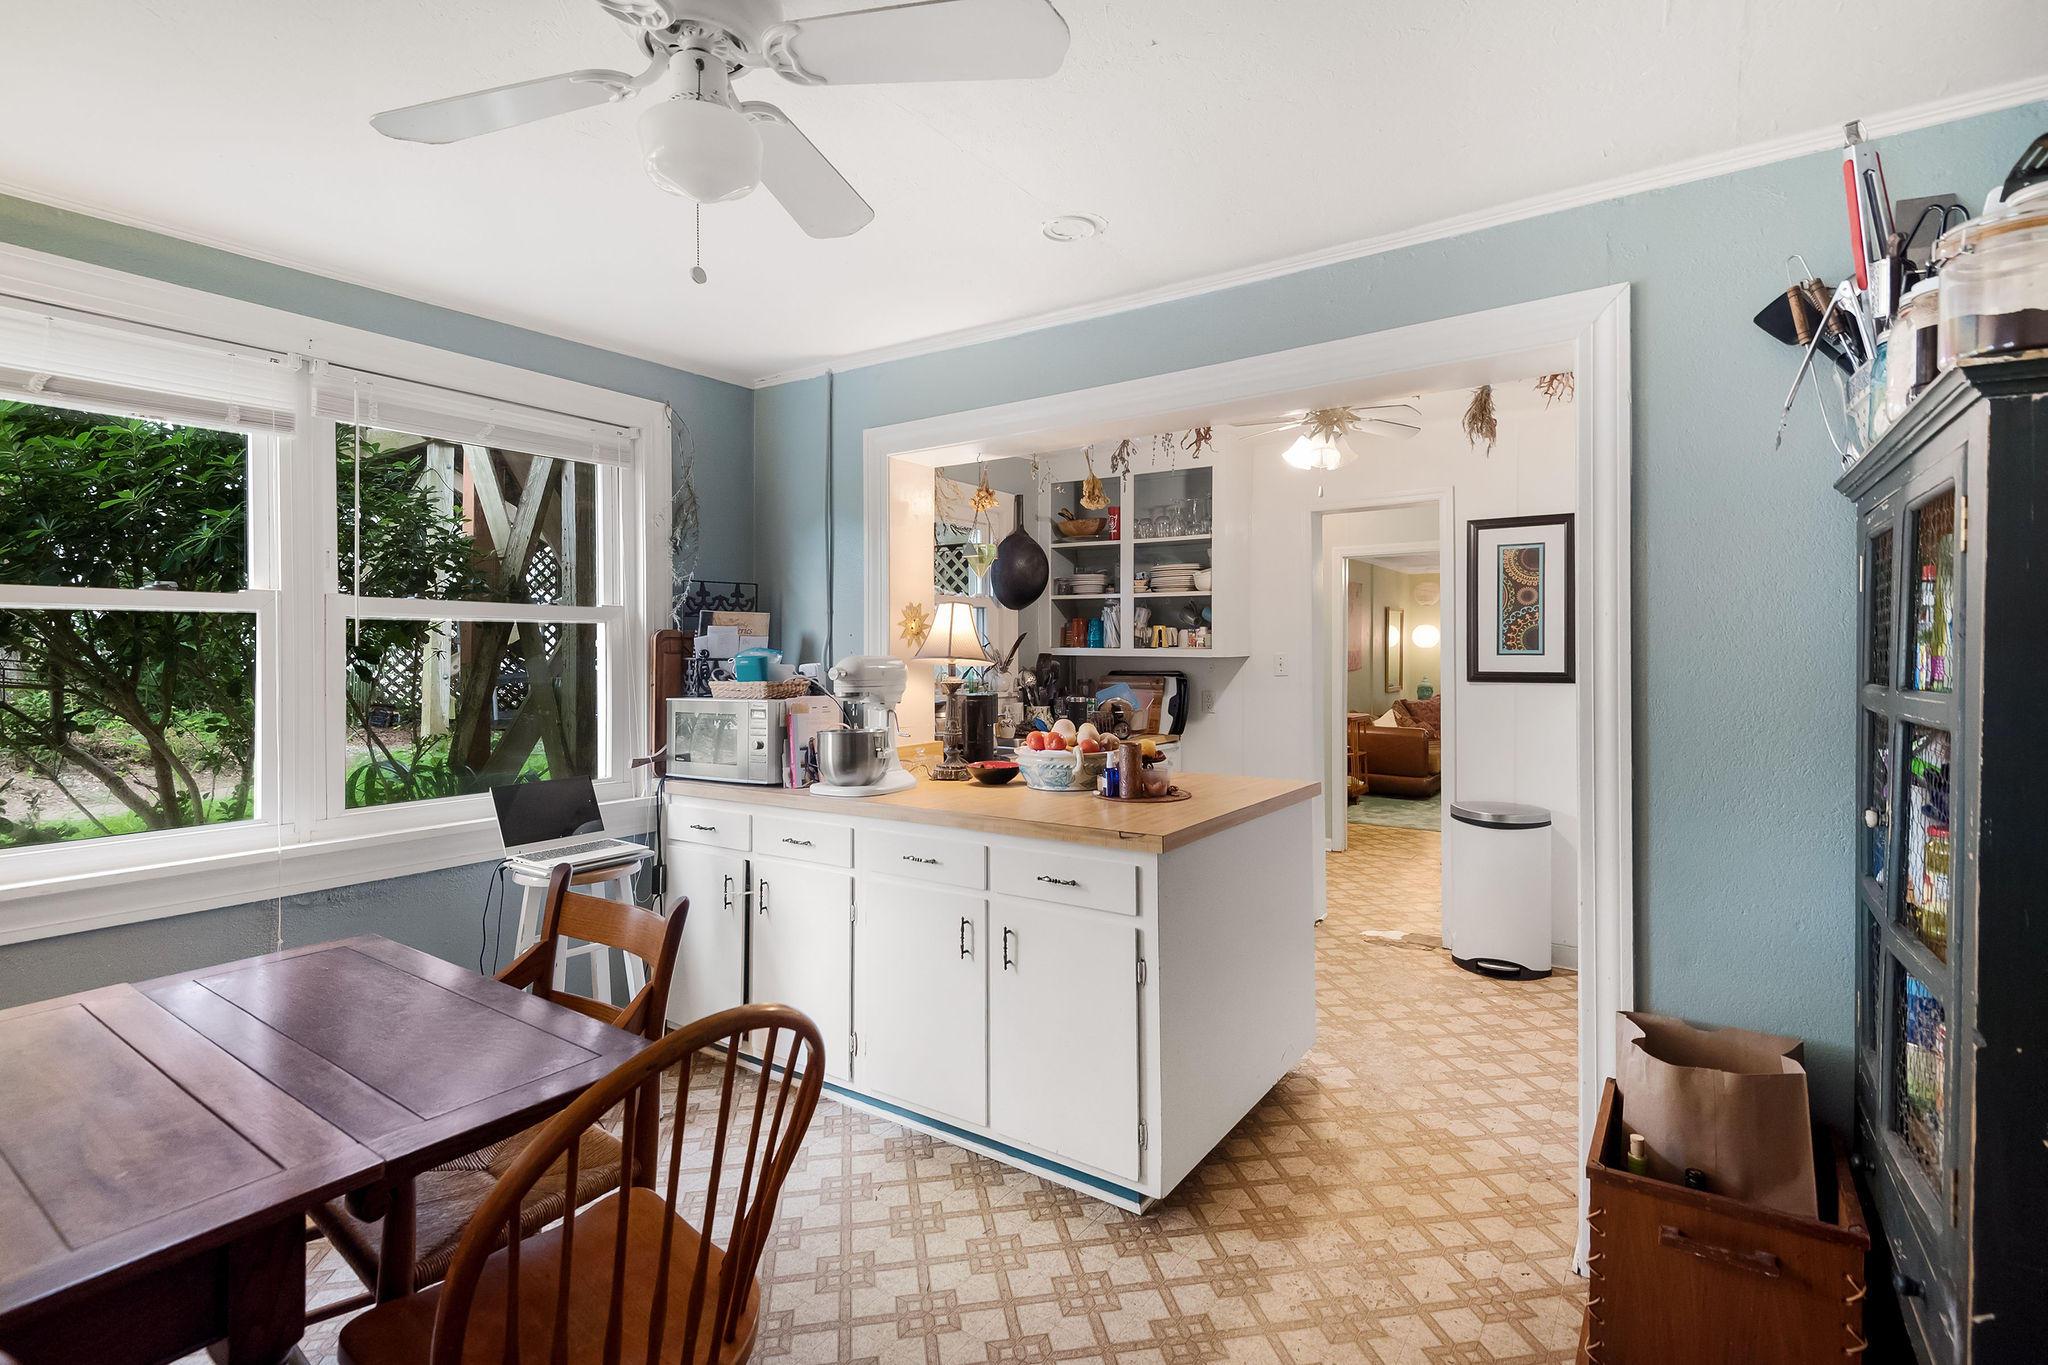 Folly Beach Homes For Sale - 504 Ashley, Folly Beach, SC - 21